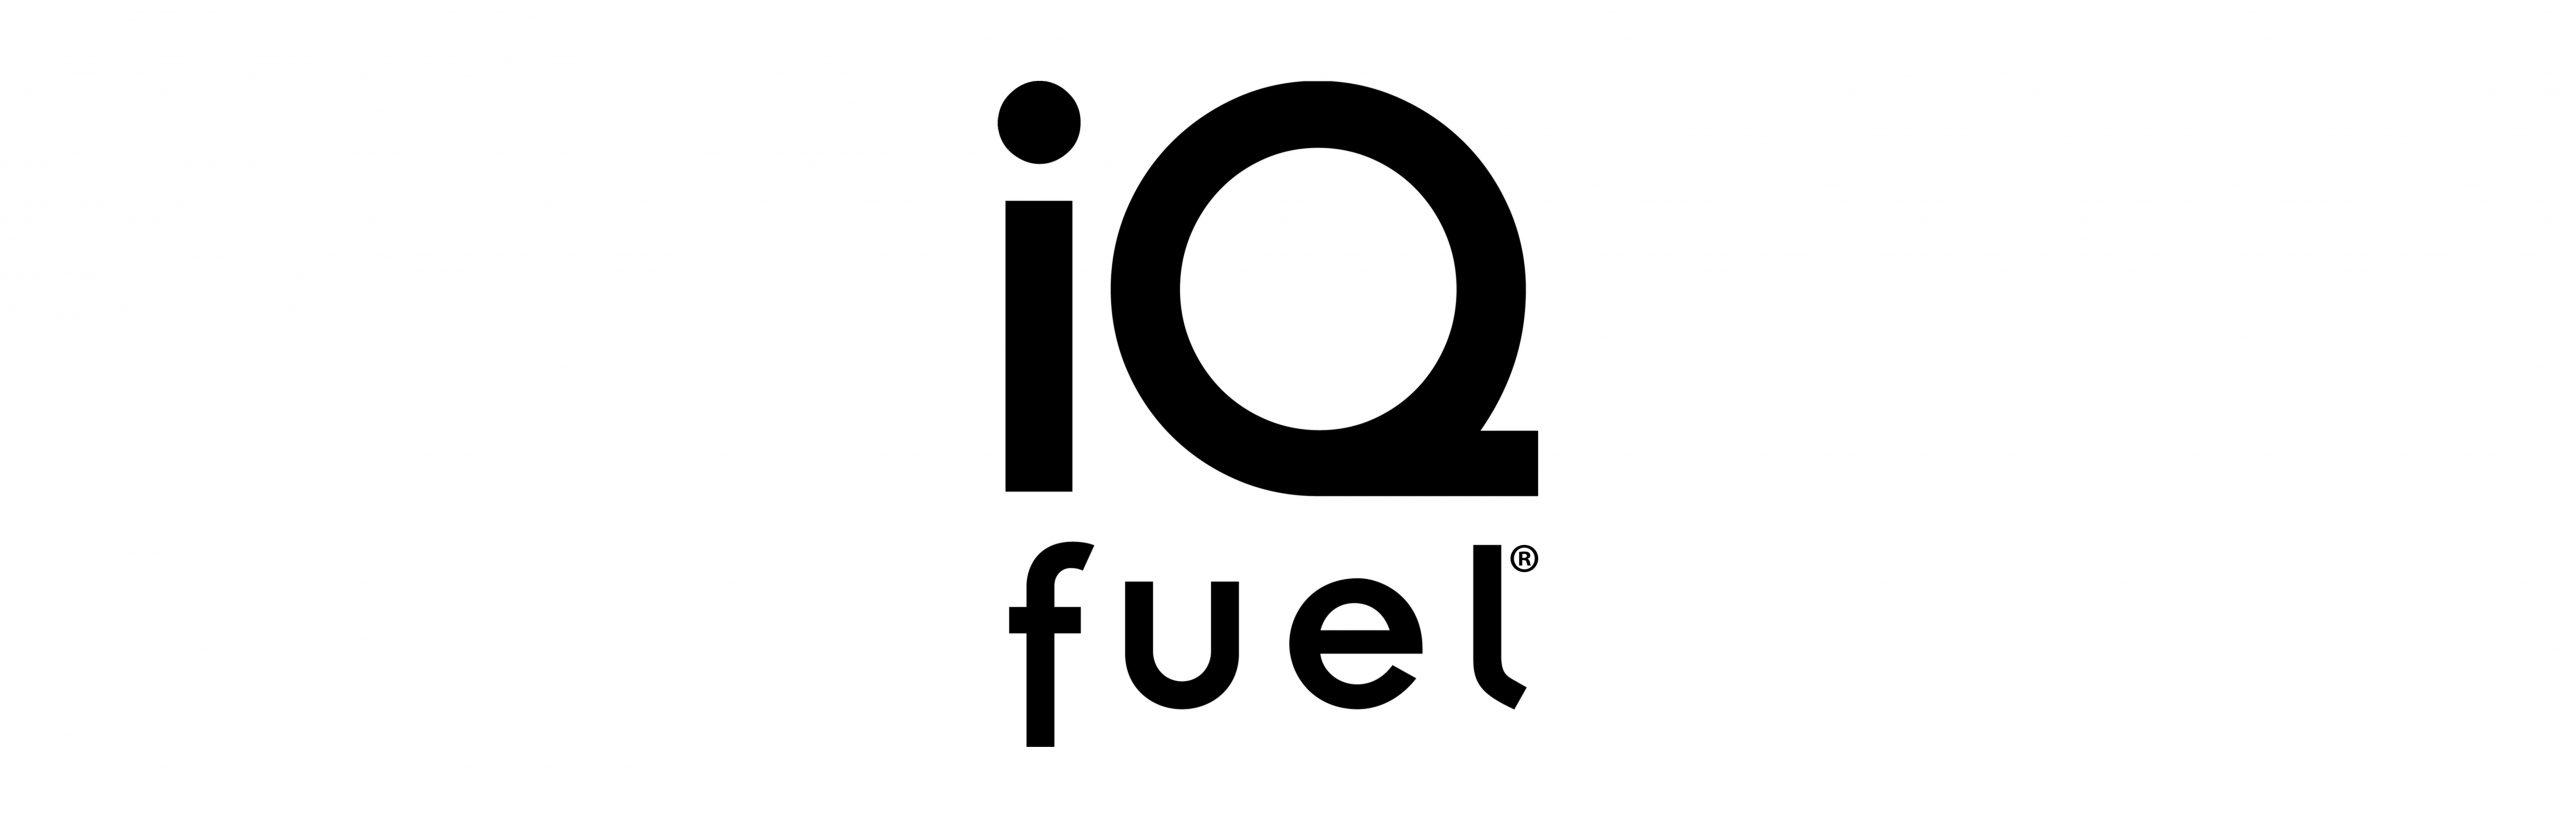 iq-fuel